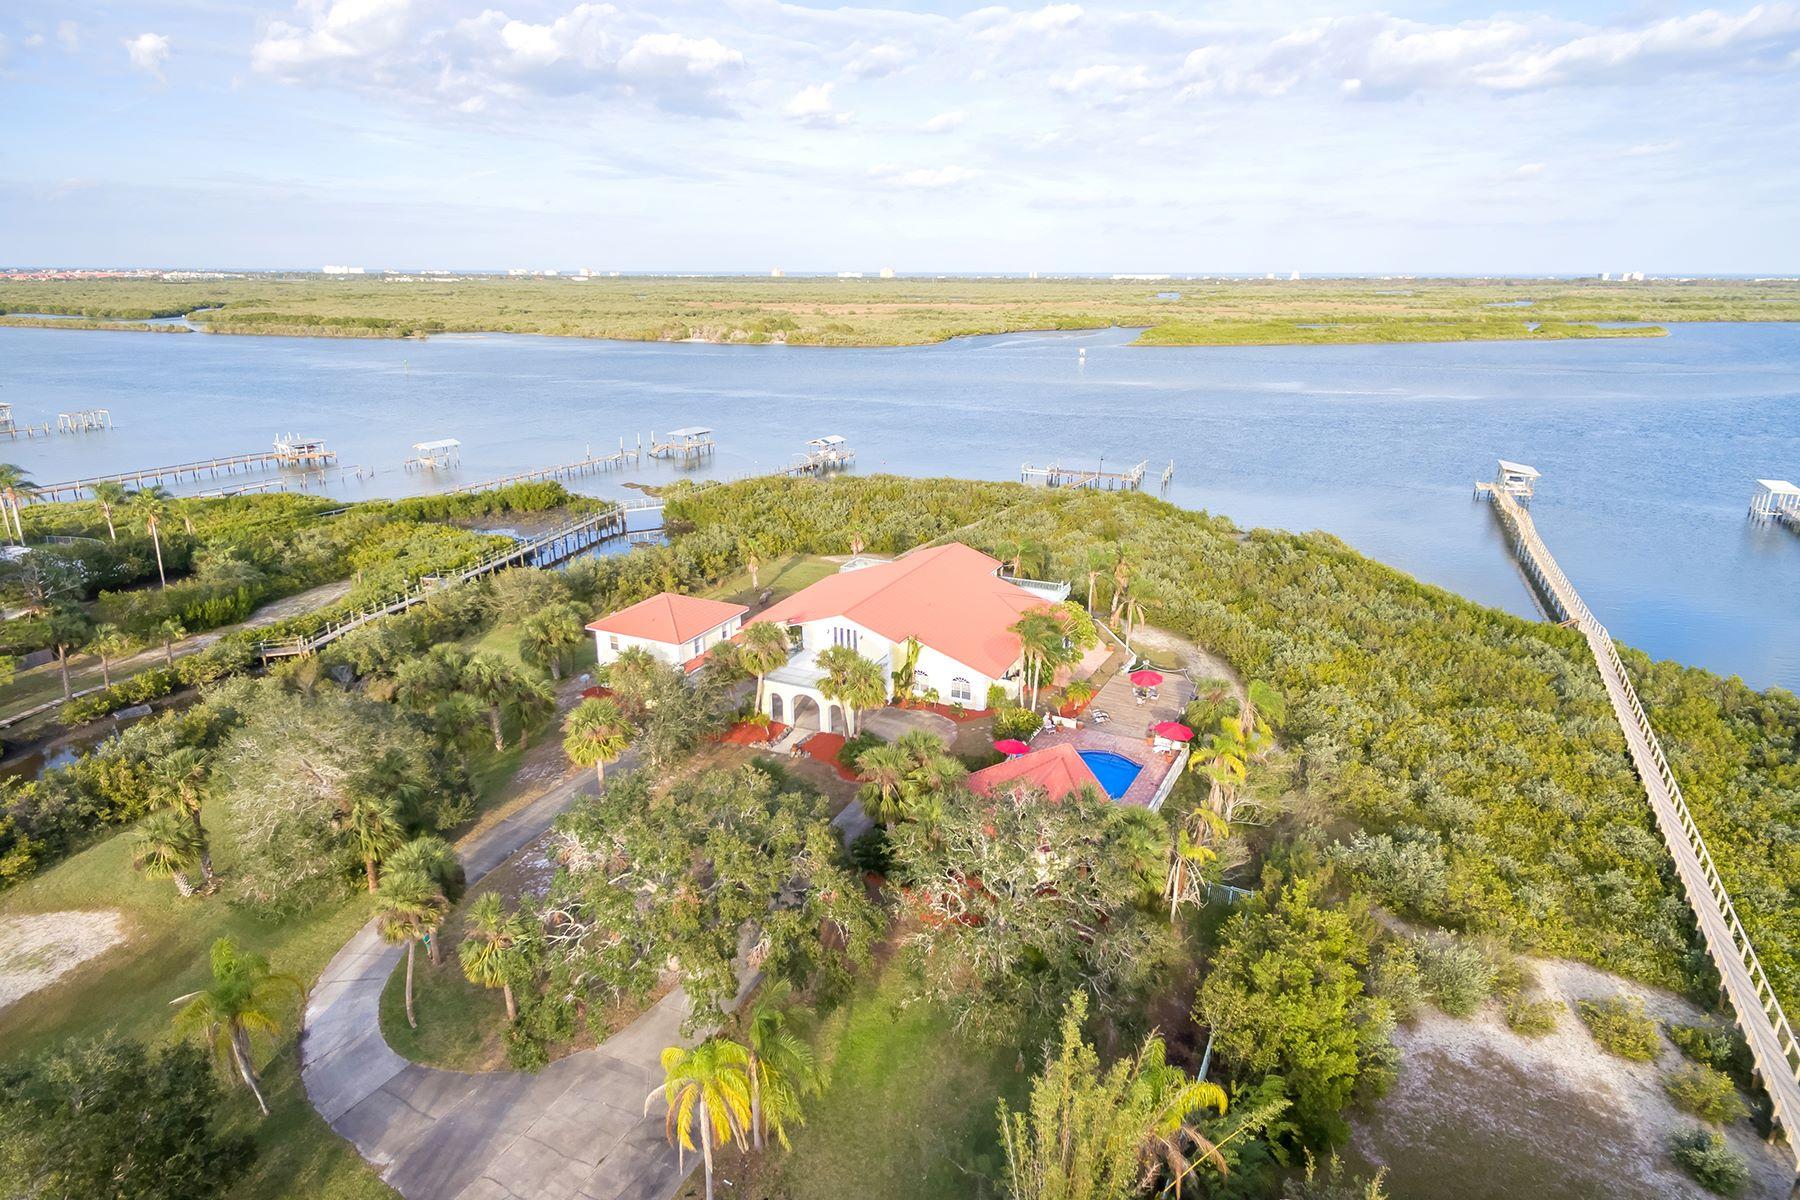 Maison unifamiliale pour l Vente à NEW SMYRNA BEACH - EDGEWATER 621 N Riverside Dr Edgewater, Florida, 32132 États-Unis